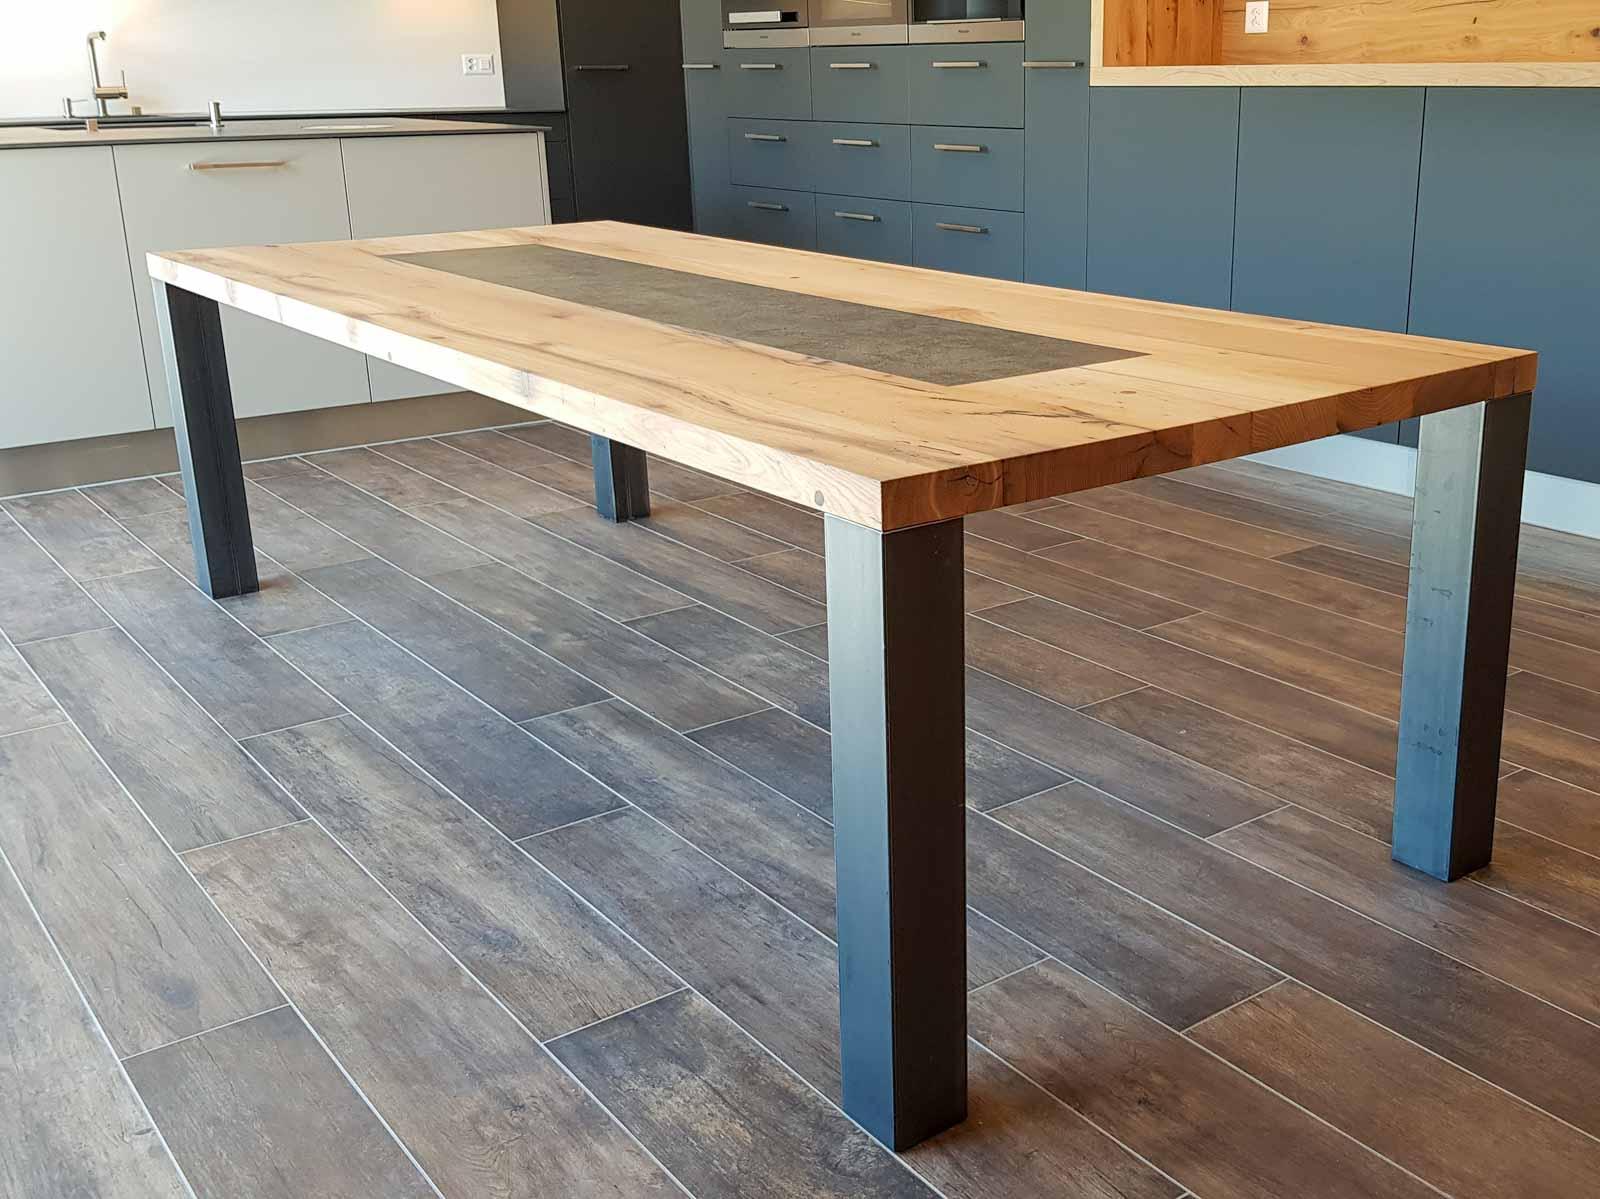 Wooddesign_Tisch_Keramikeinlage_Tischbeine aussen_Schwarzstahl (5)